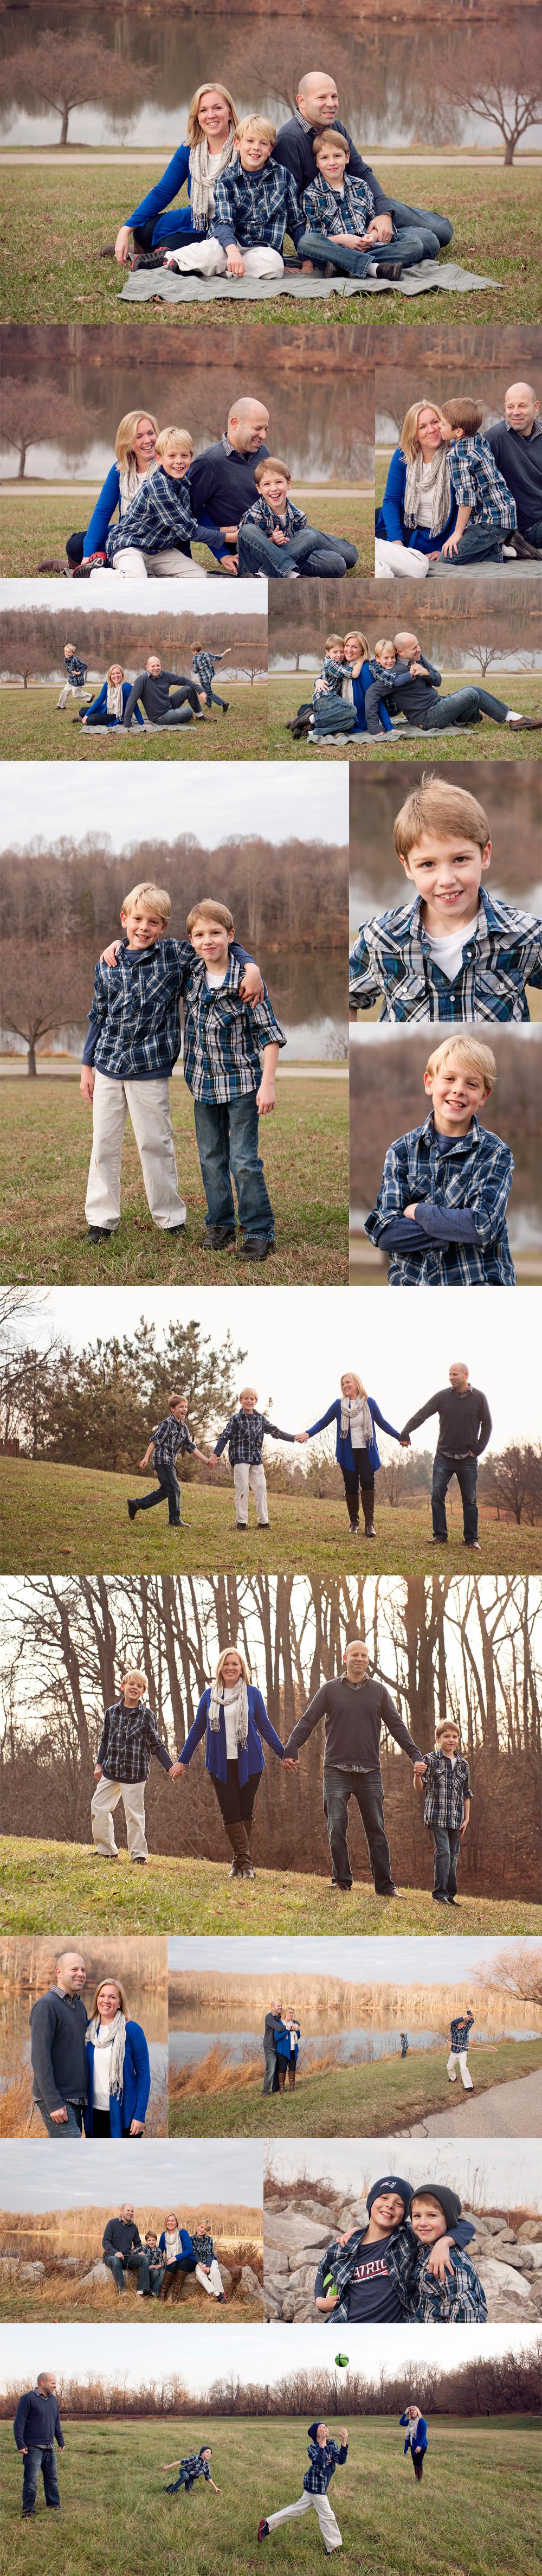 12gilless-howard-family